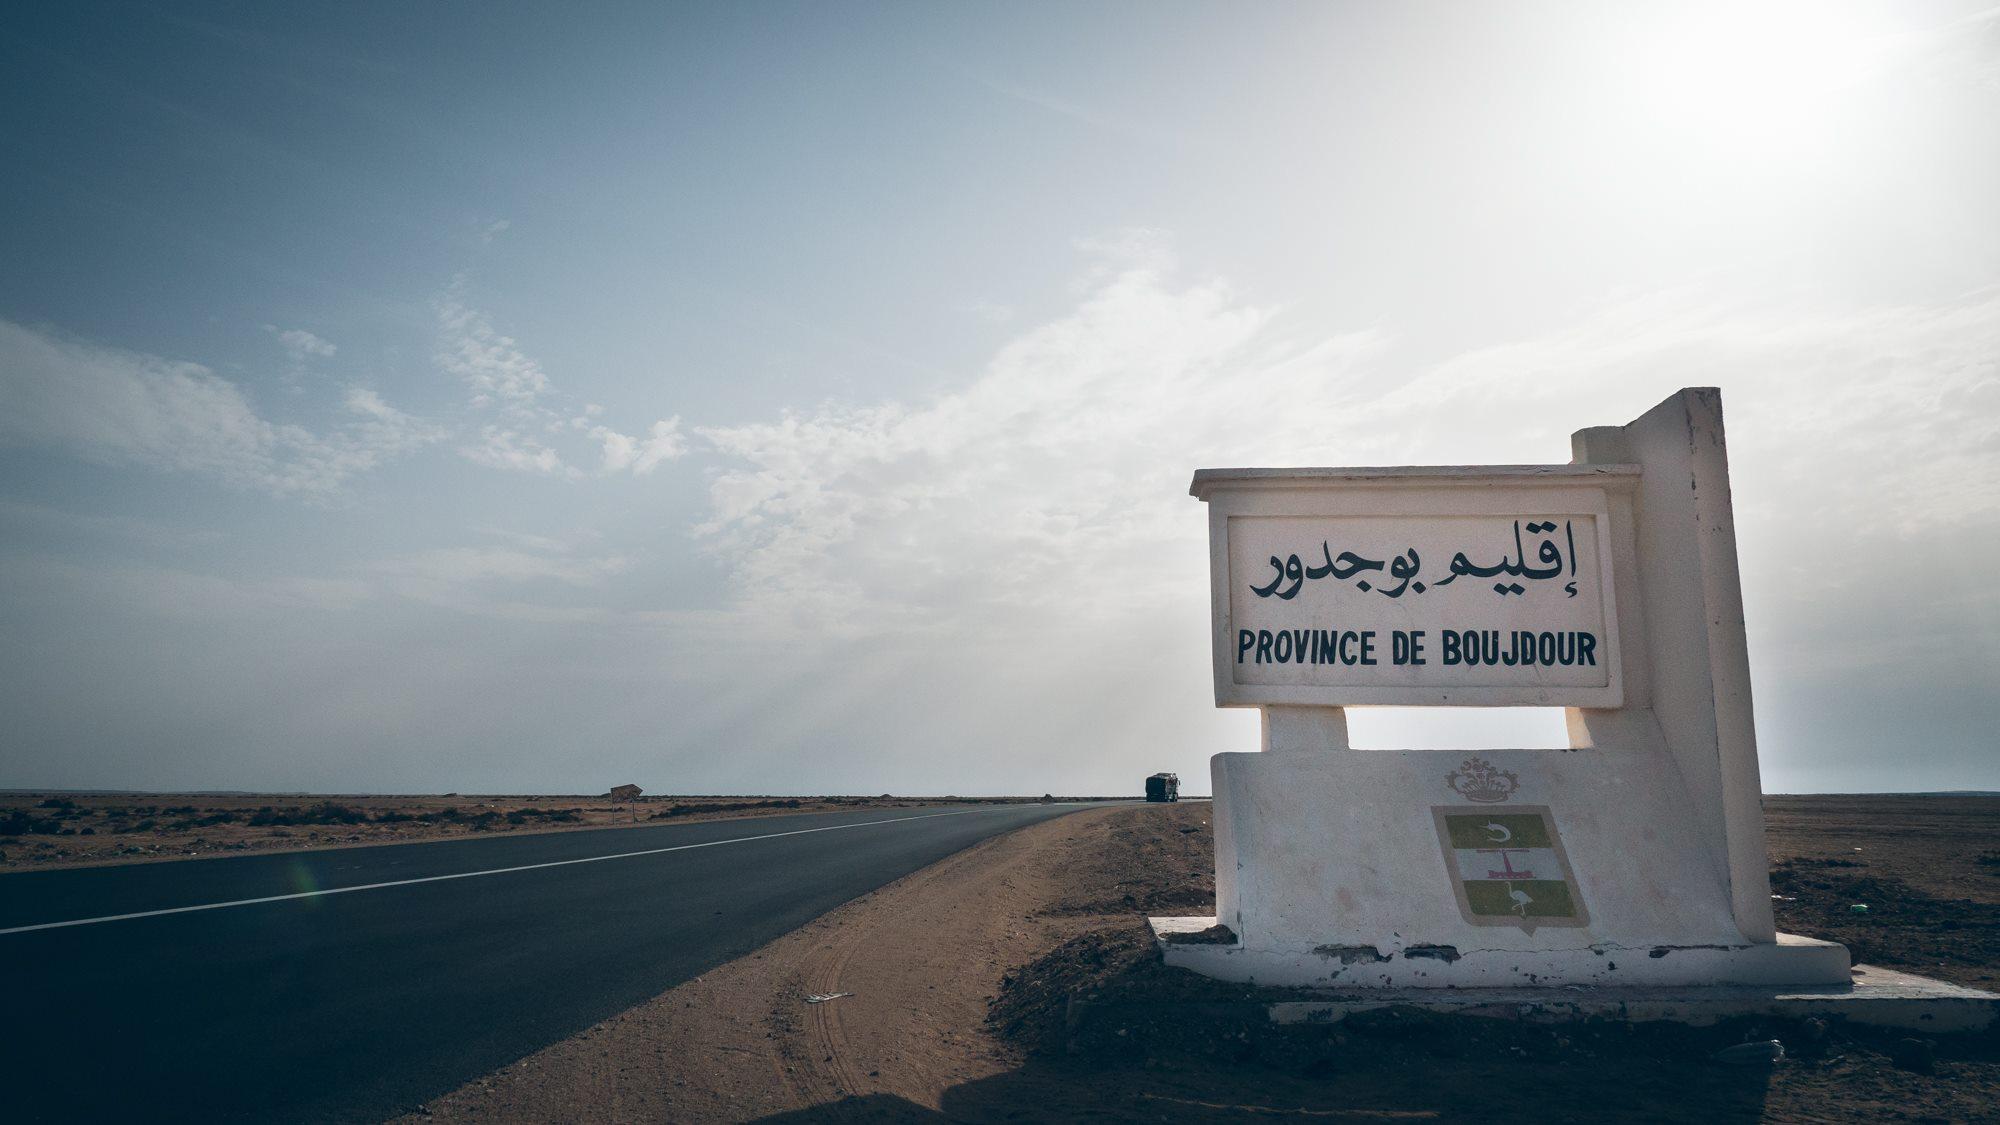 La Province de Boujdour